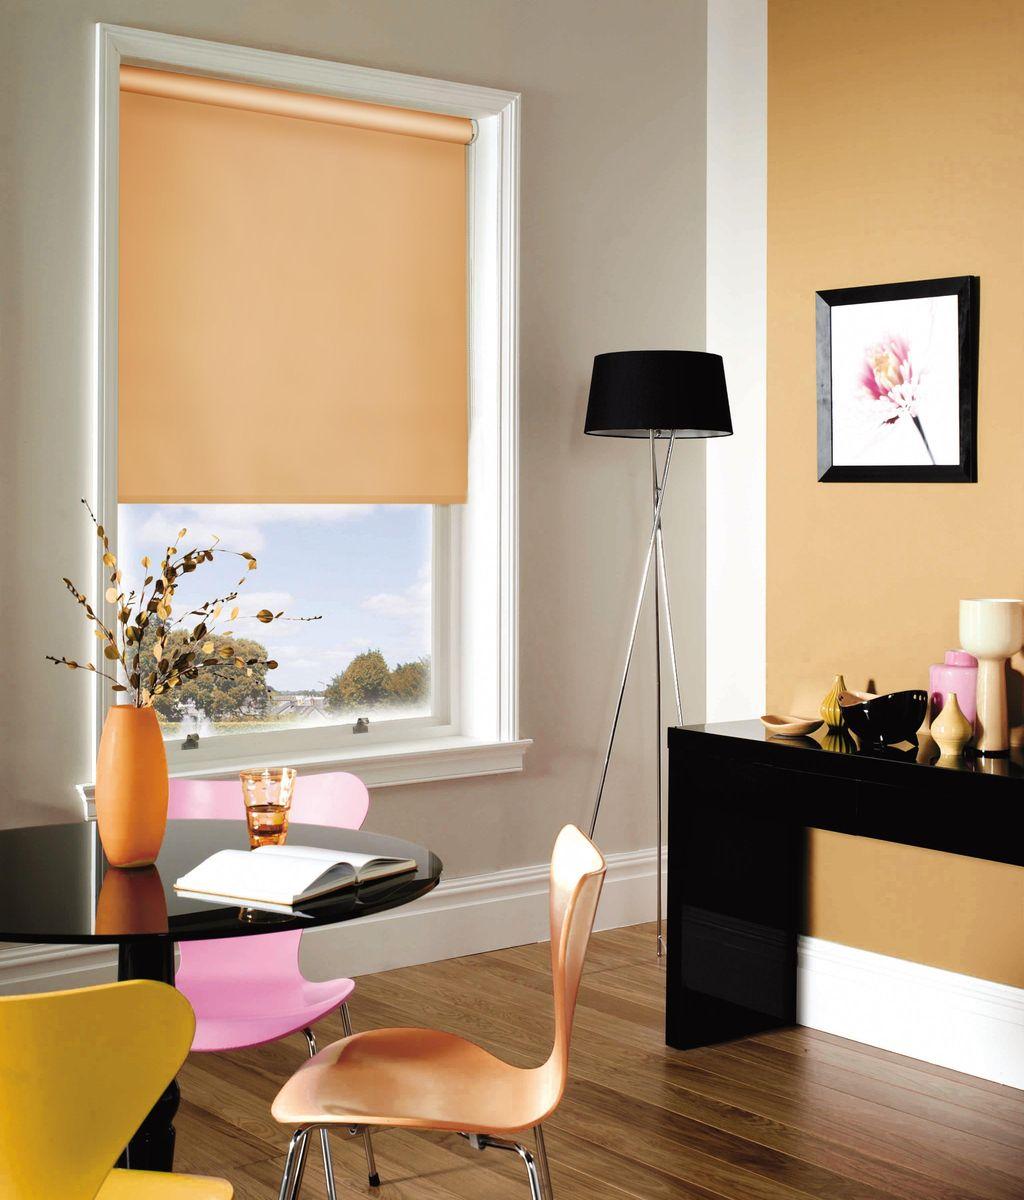 Штора рулонная Эскар, цвет: абрикосовый, ширина 60 см, высота 170 см81012060170Рулонными шторами можно оформлять окна как самостоятельно, так и использовать в комбинации с портьерами. Это поможет предотвратить выгорание дорогой ткани на солнце и соединит функционал рулонных с красотой навесных. Преимущества применения рулонных штор для пластиковых окон: - имеют прекрасный внешний вид: многообразие и фактурность материала изделия отлично смотрятся в любом интерьере; - многофункциональны: есть возможность подобрать шторы способные эффективно защитить комнату от солнца, при этом о на не будет слишком темной. - Есть возможность осуществить быстрый монтаж. ВНИМАНИЕ! Размеры ширины изделия указаны по ширине ткани! Во время эксплуатации не рекомендуется полностью разматывать рулон, чтобы не оторвать ткань от намоточного вала. В случае загрязнения поверхности ткани, чистку шторы проводят одним из способов, в зависимости от типа загрязнения: легкое поверхностное загрязнение можно удалить при помощи...